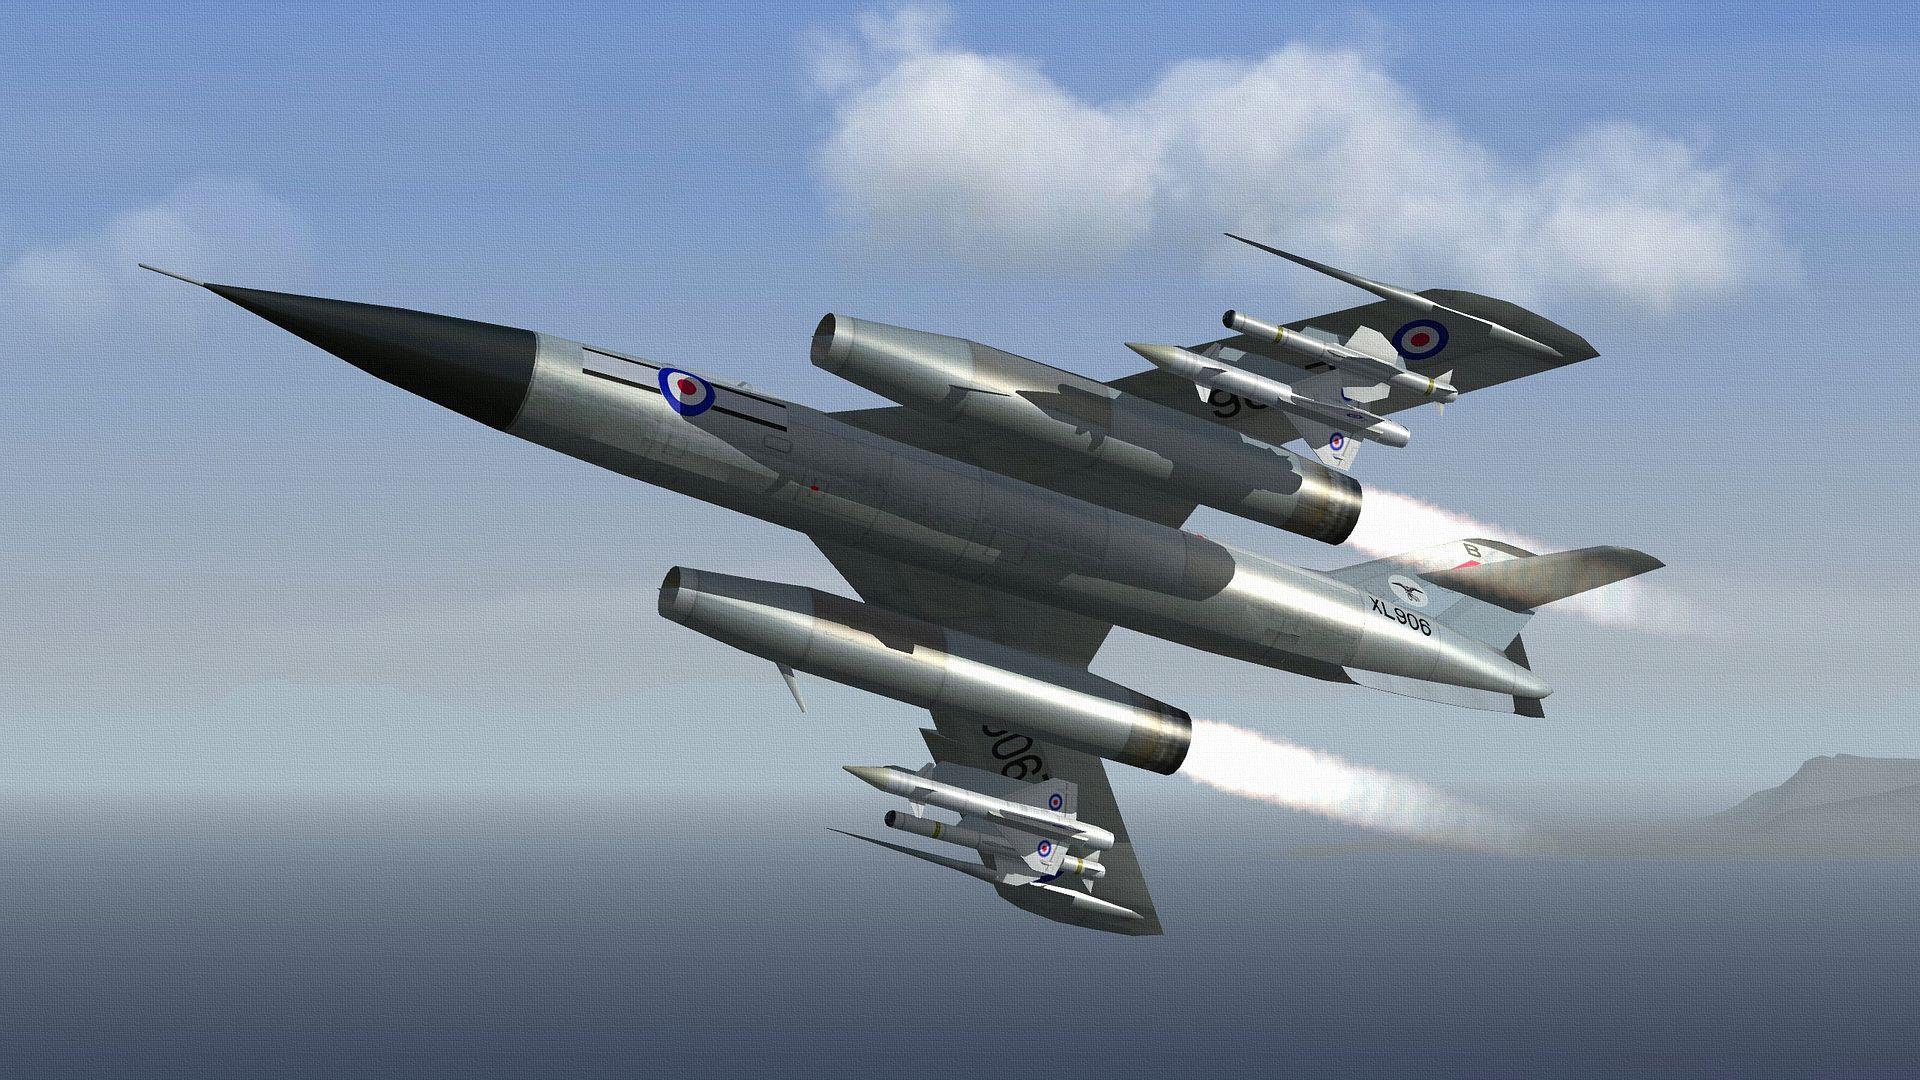 RAF%20FIREBAR%20FAW2.04_zpsqbn5rqrj.jpg